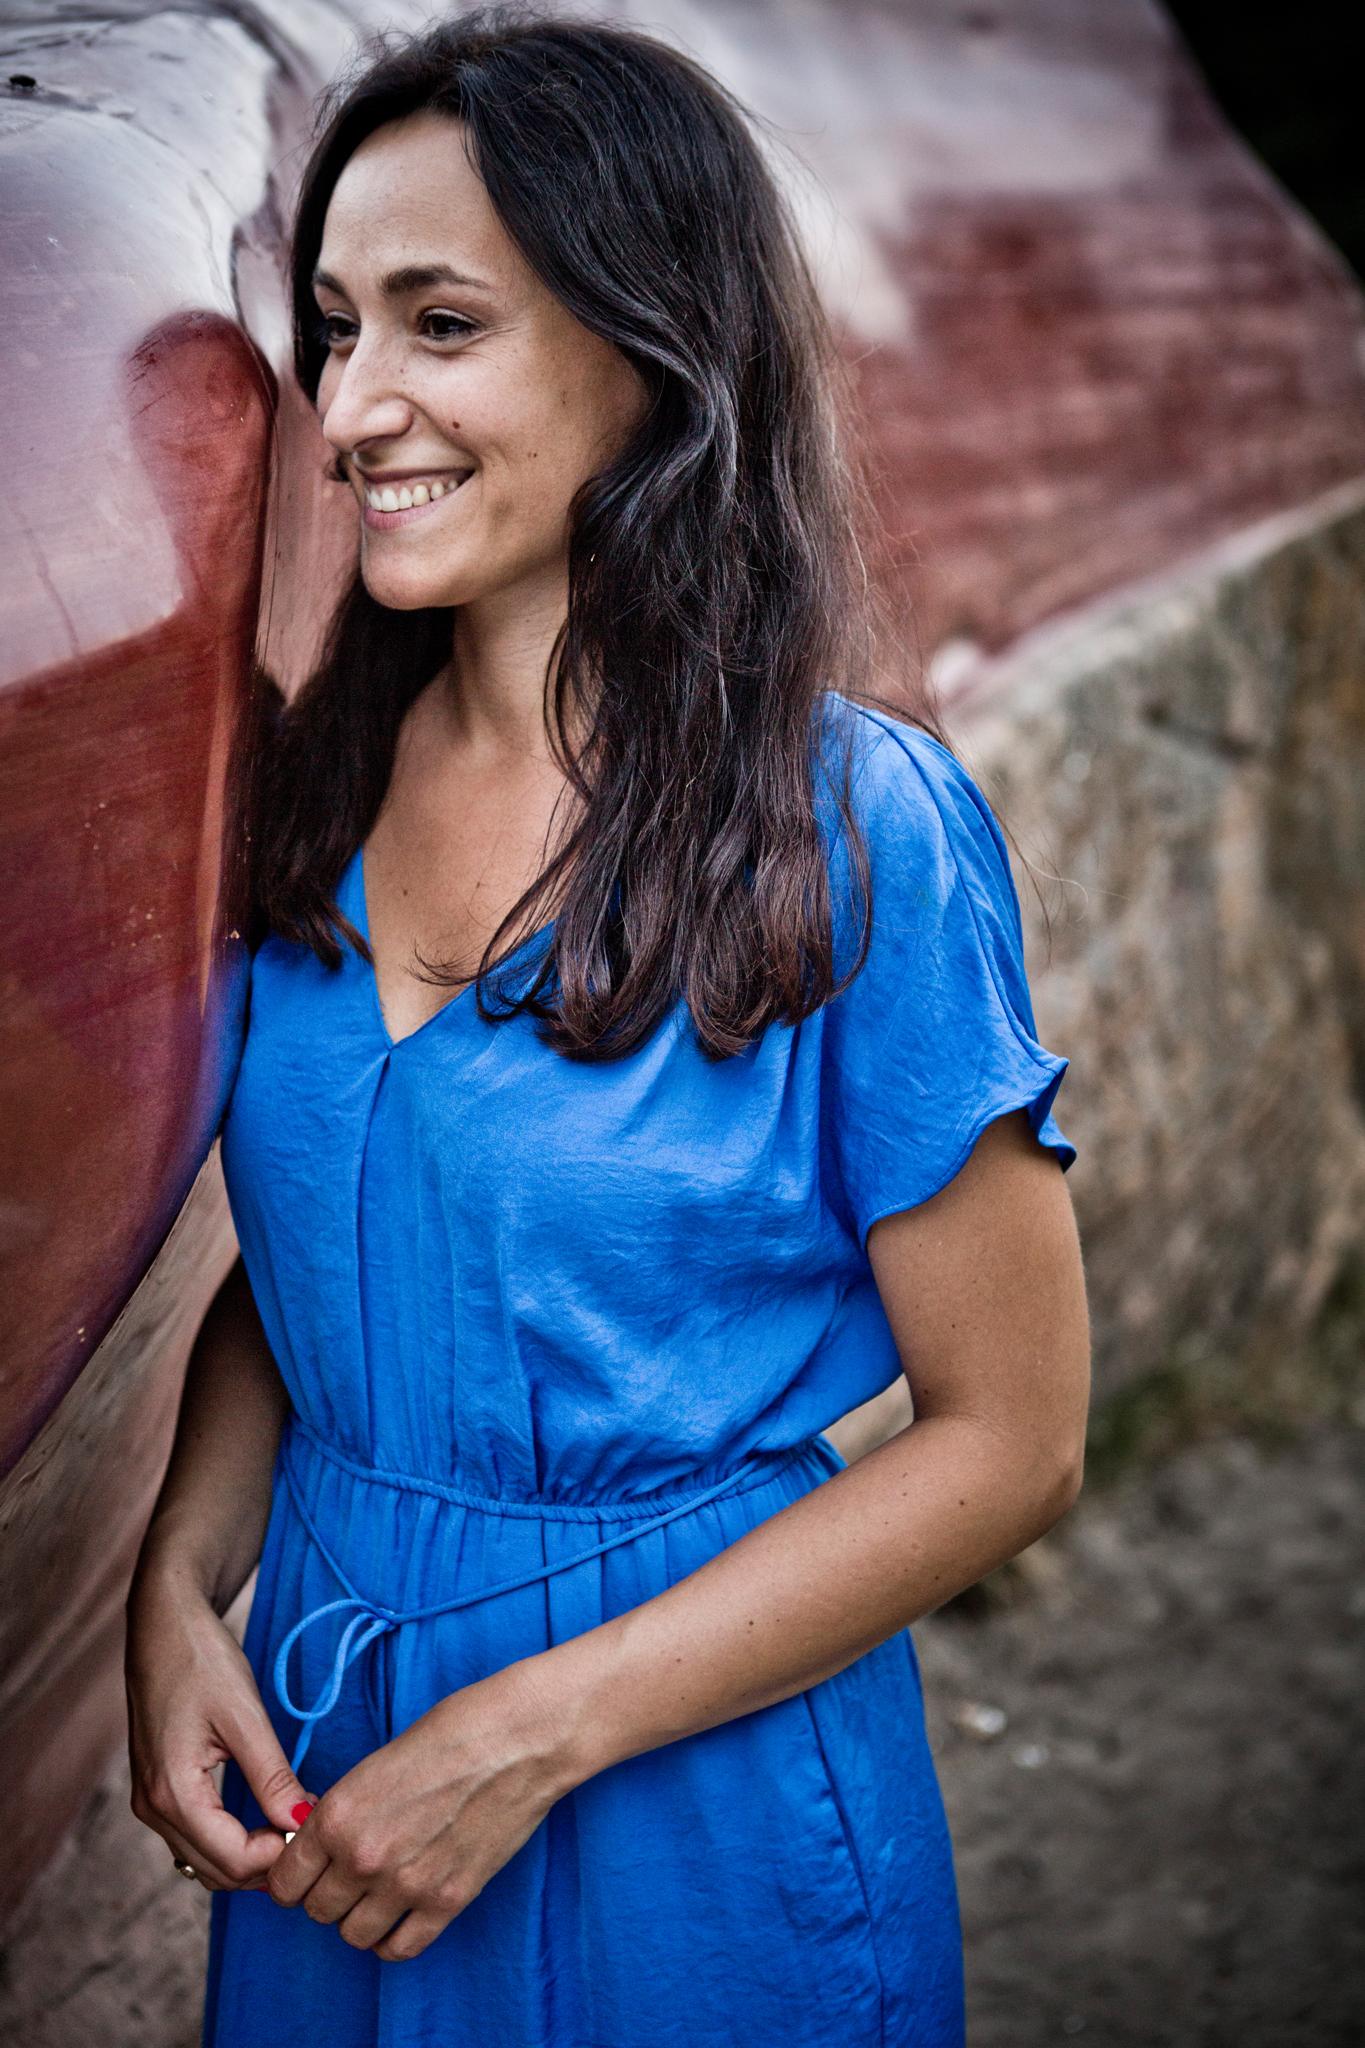 arijana-daniel-sonnentag-2013-08